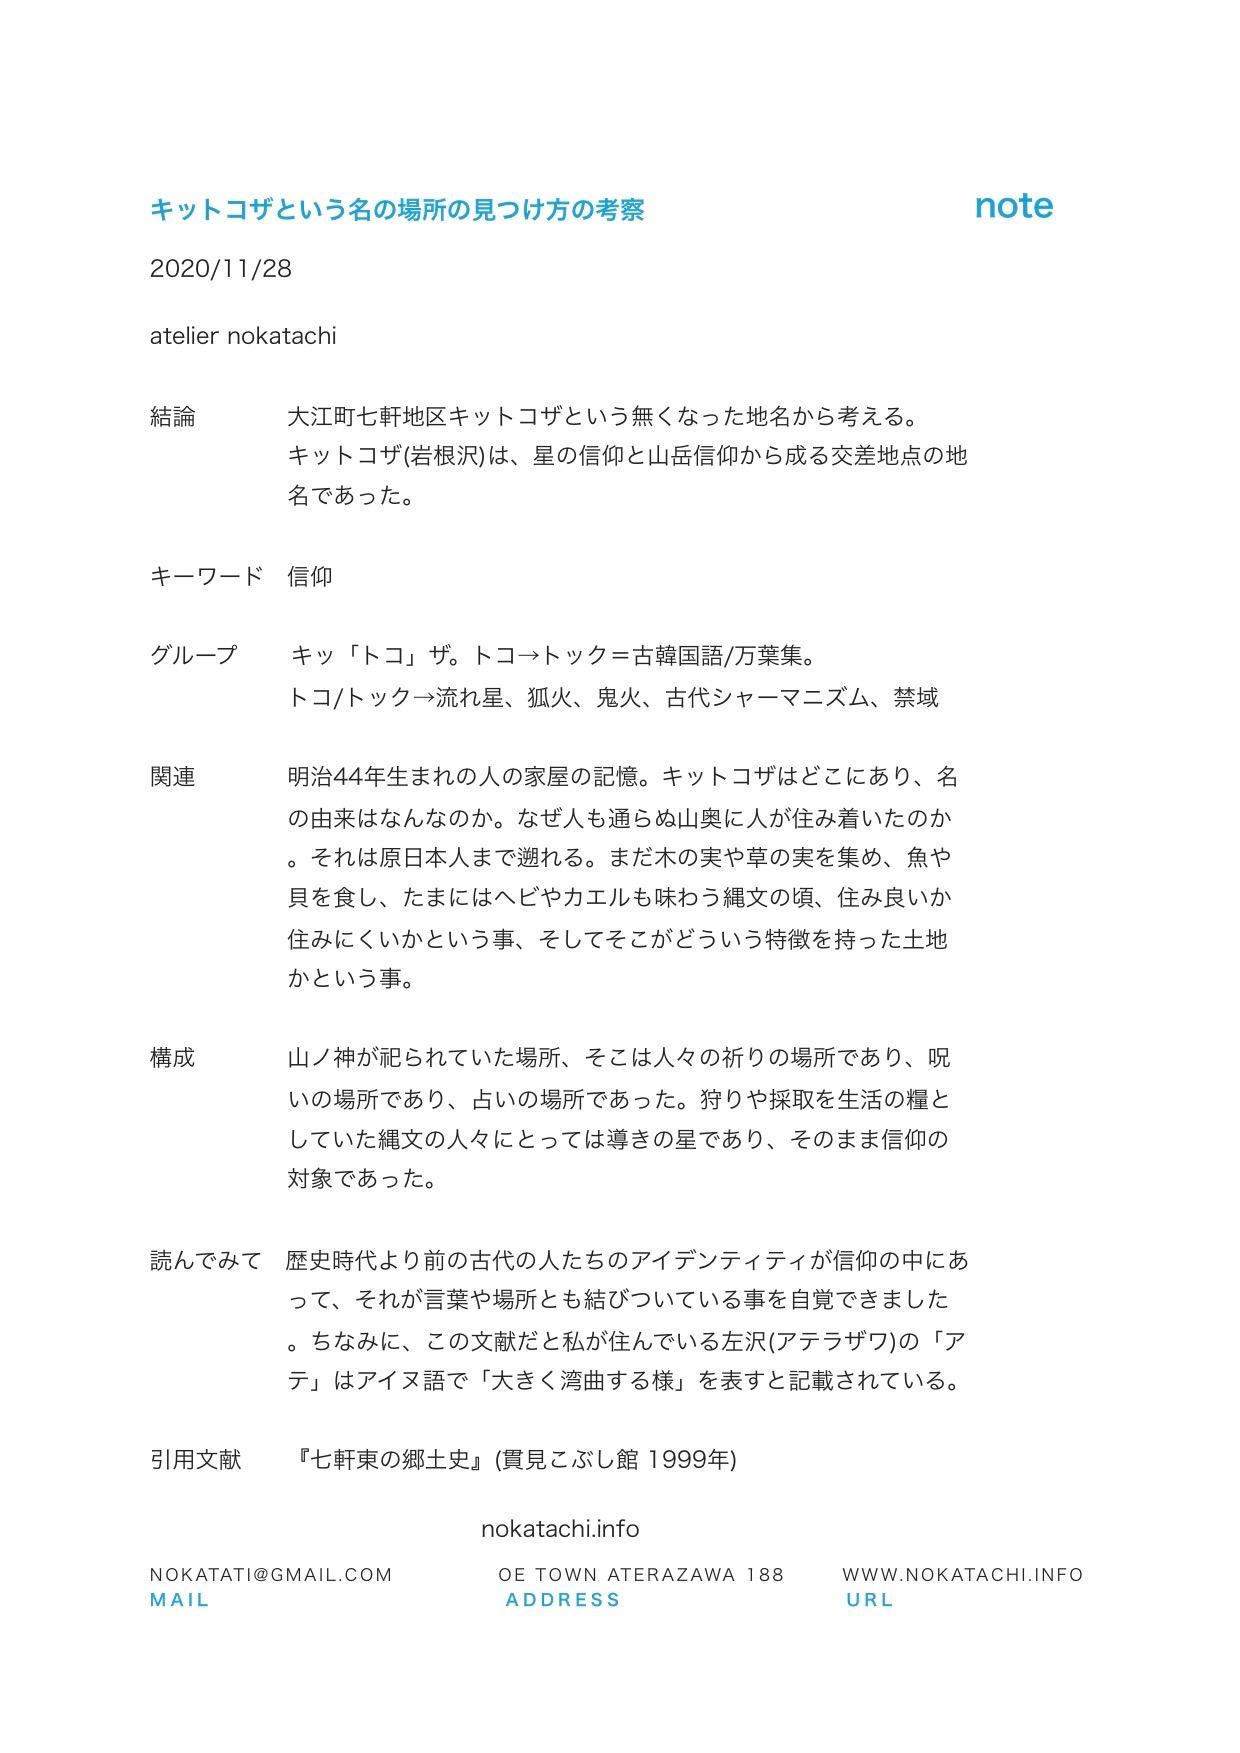 【レポート】キットコザという場所の見つけ方の考察